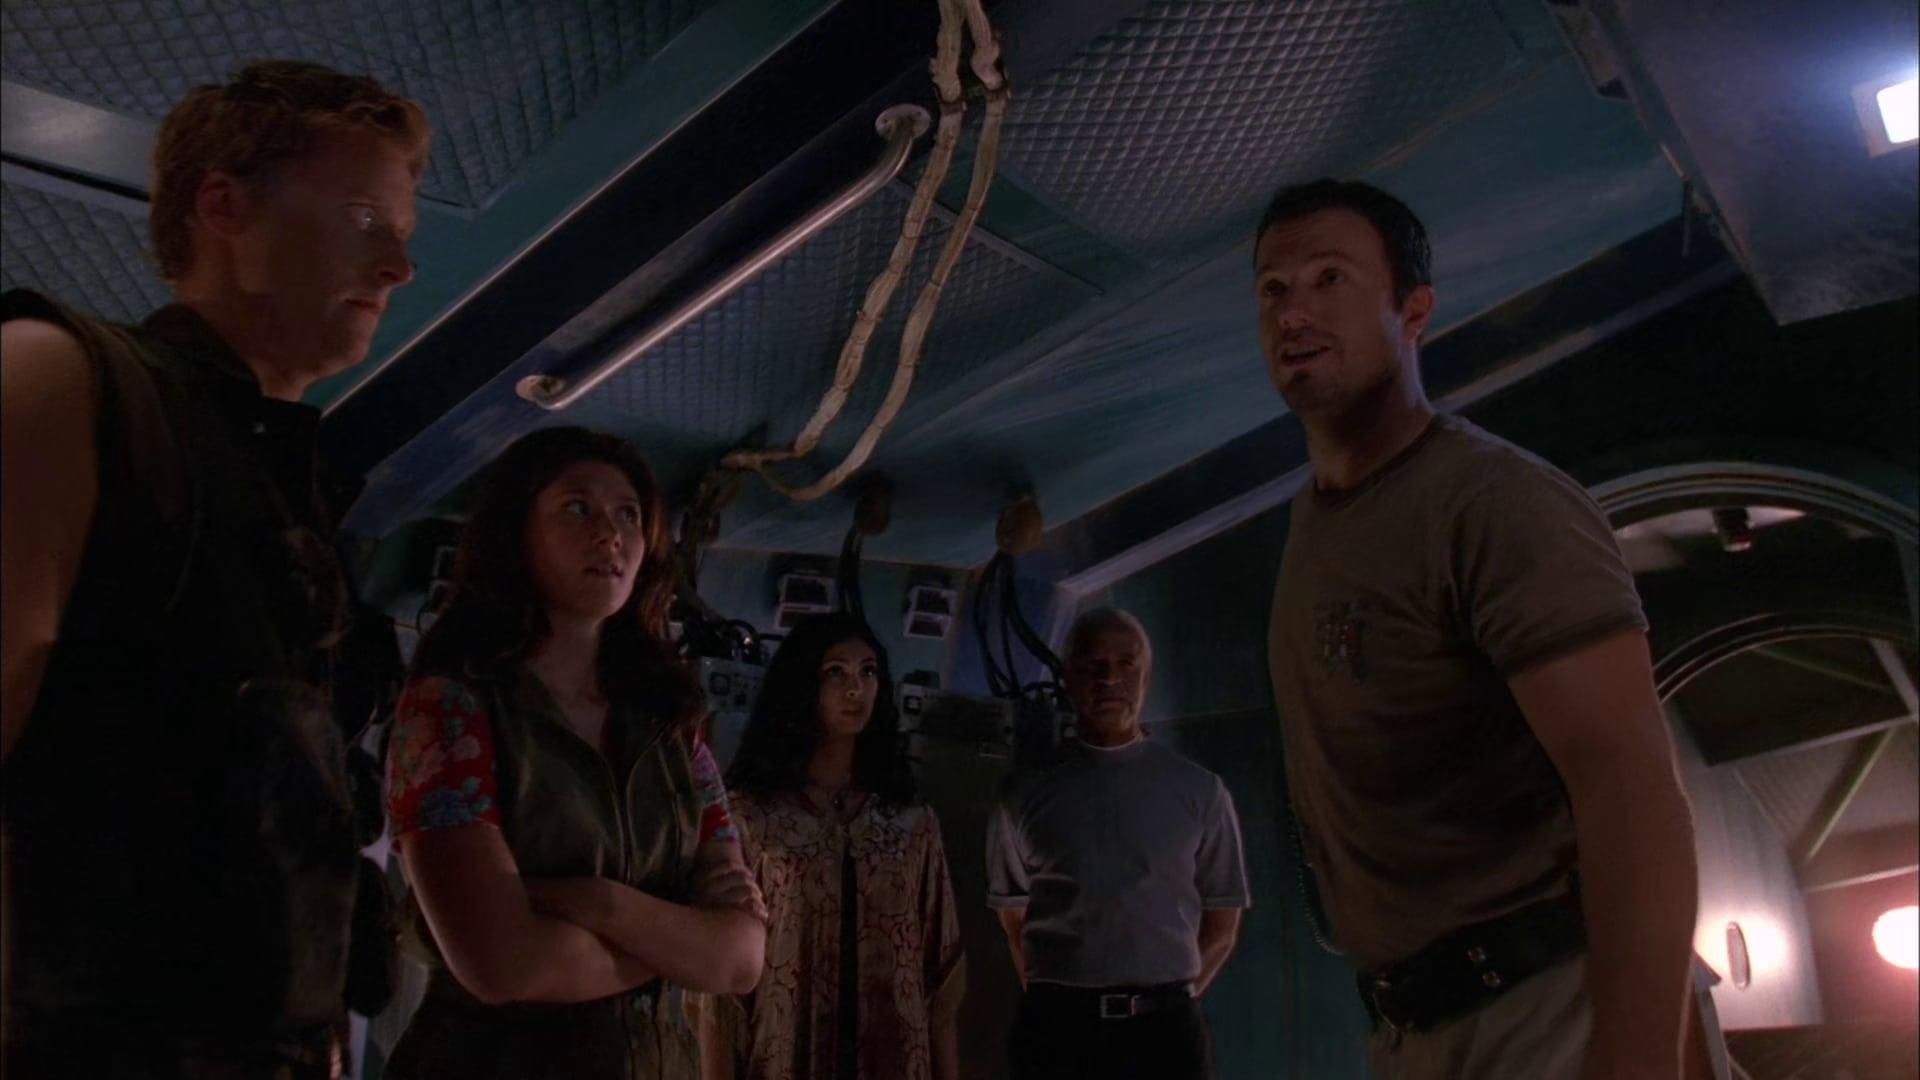 Firefly: Season 1 Episode 1 S01E01 Openload Watch Free